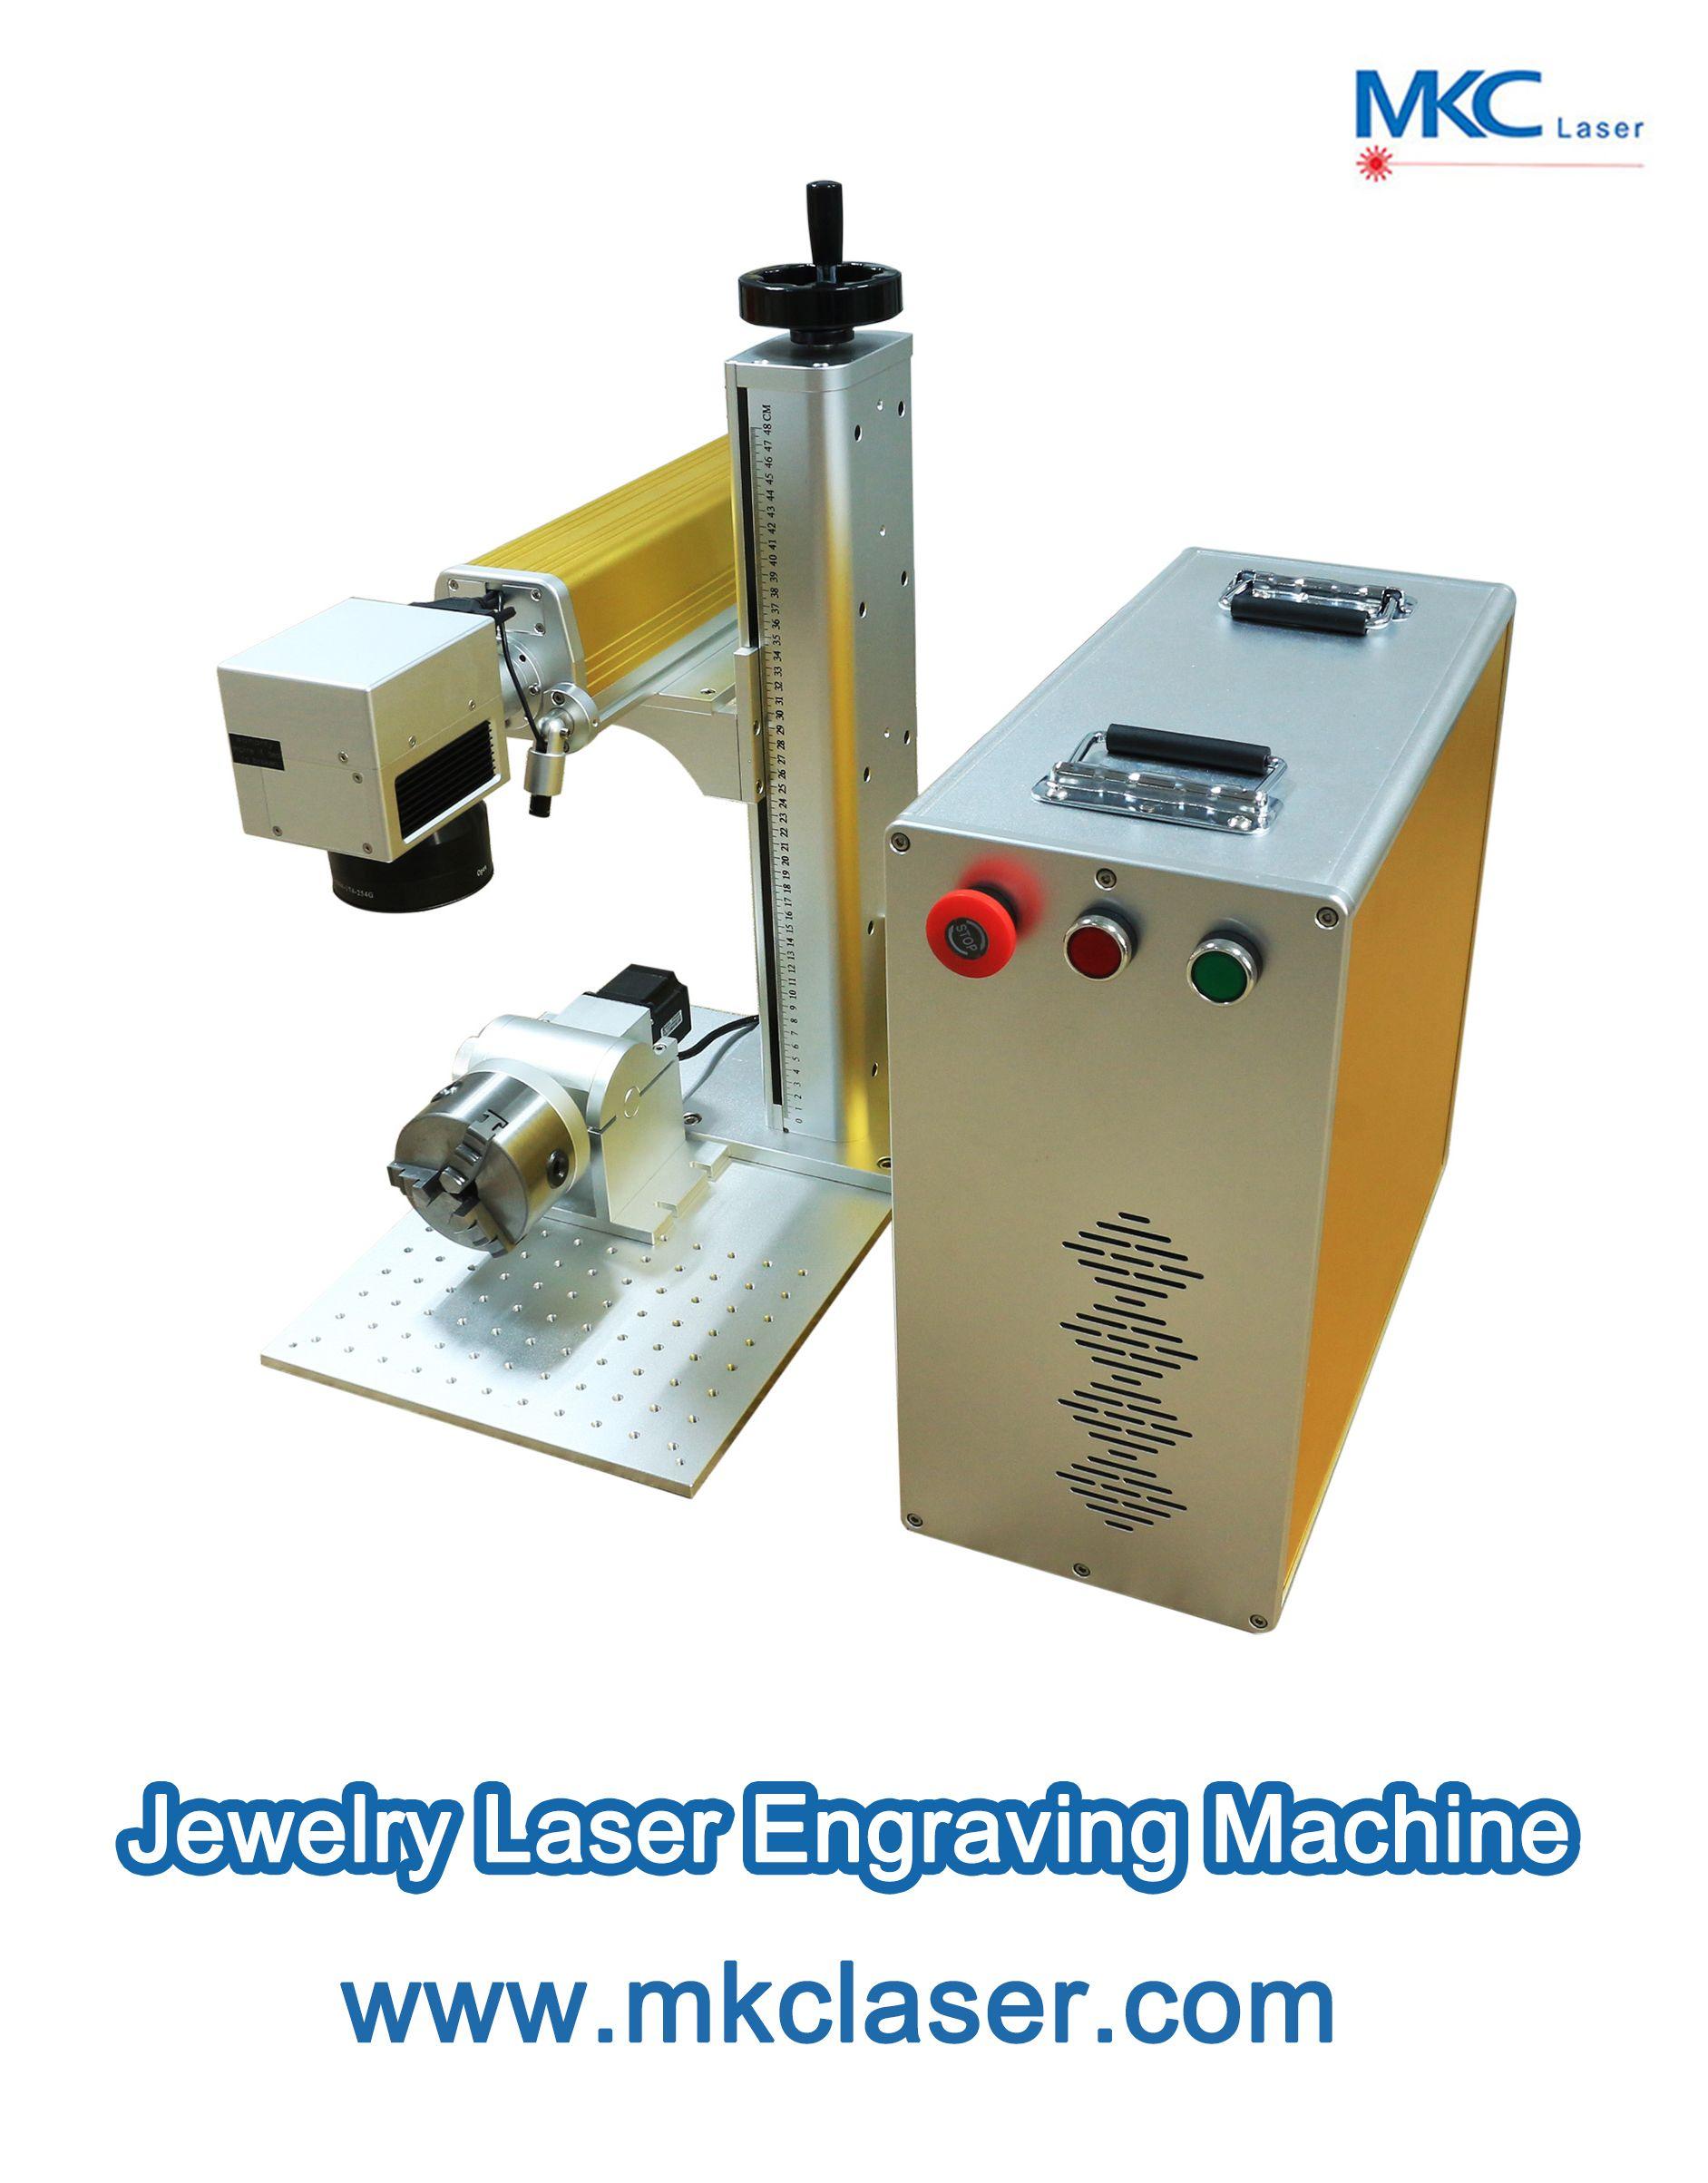 Jewelry Portable Laser Engraving Machine Shenzhen Factory Laser Engraving Machine Laser Engraving Laser Marking